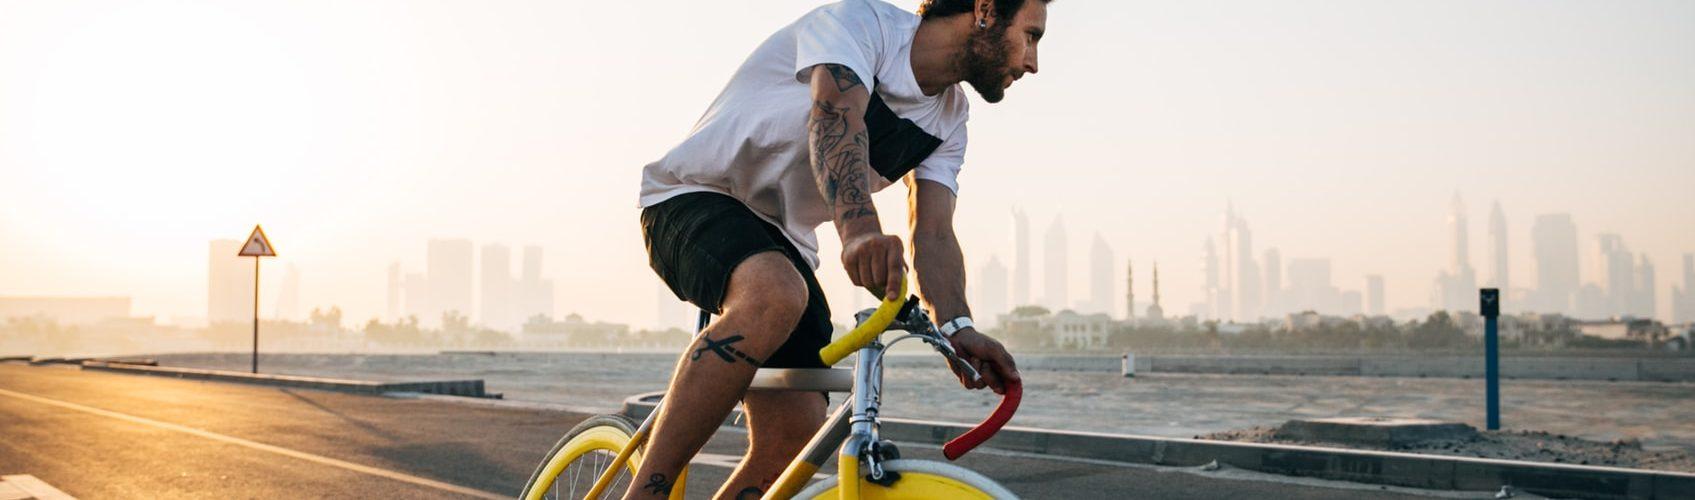 gele-race-fiets-man